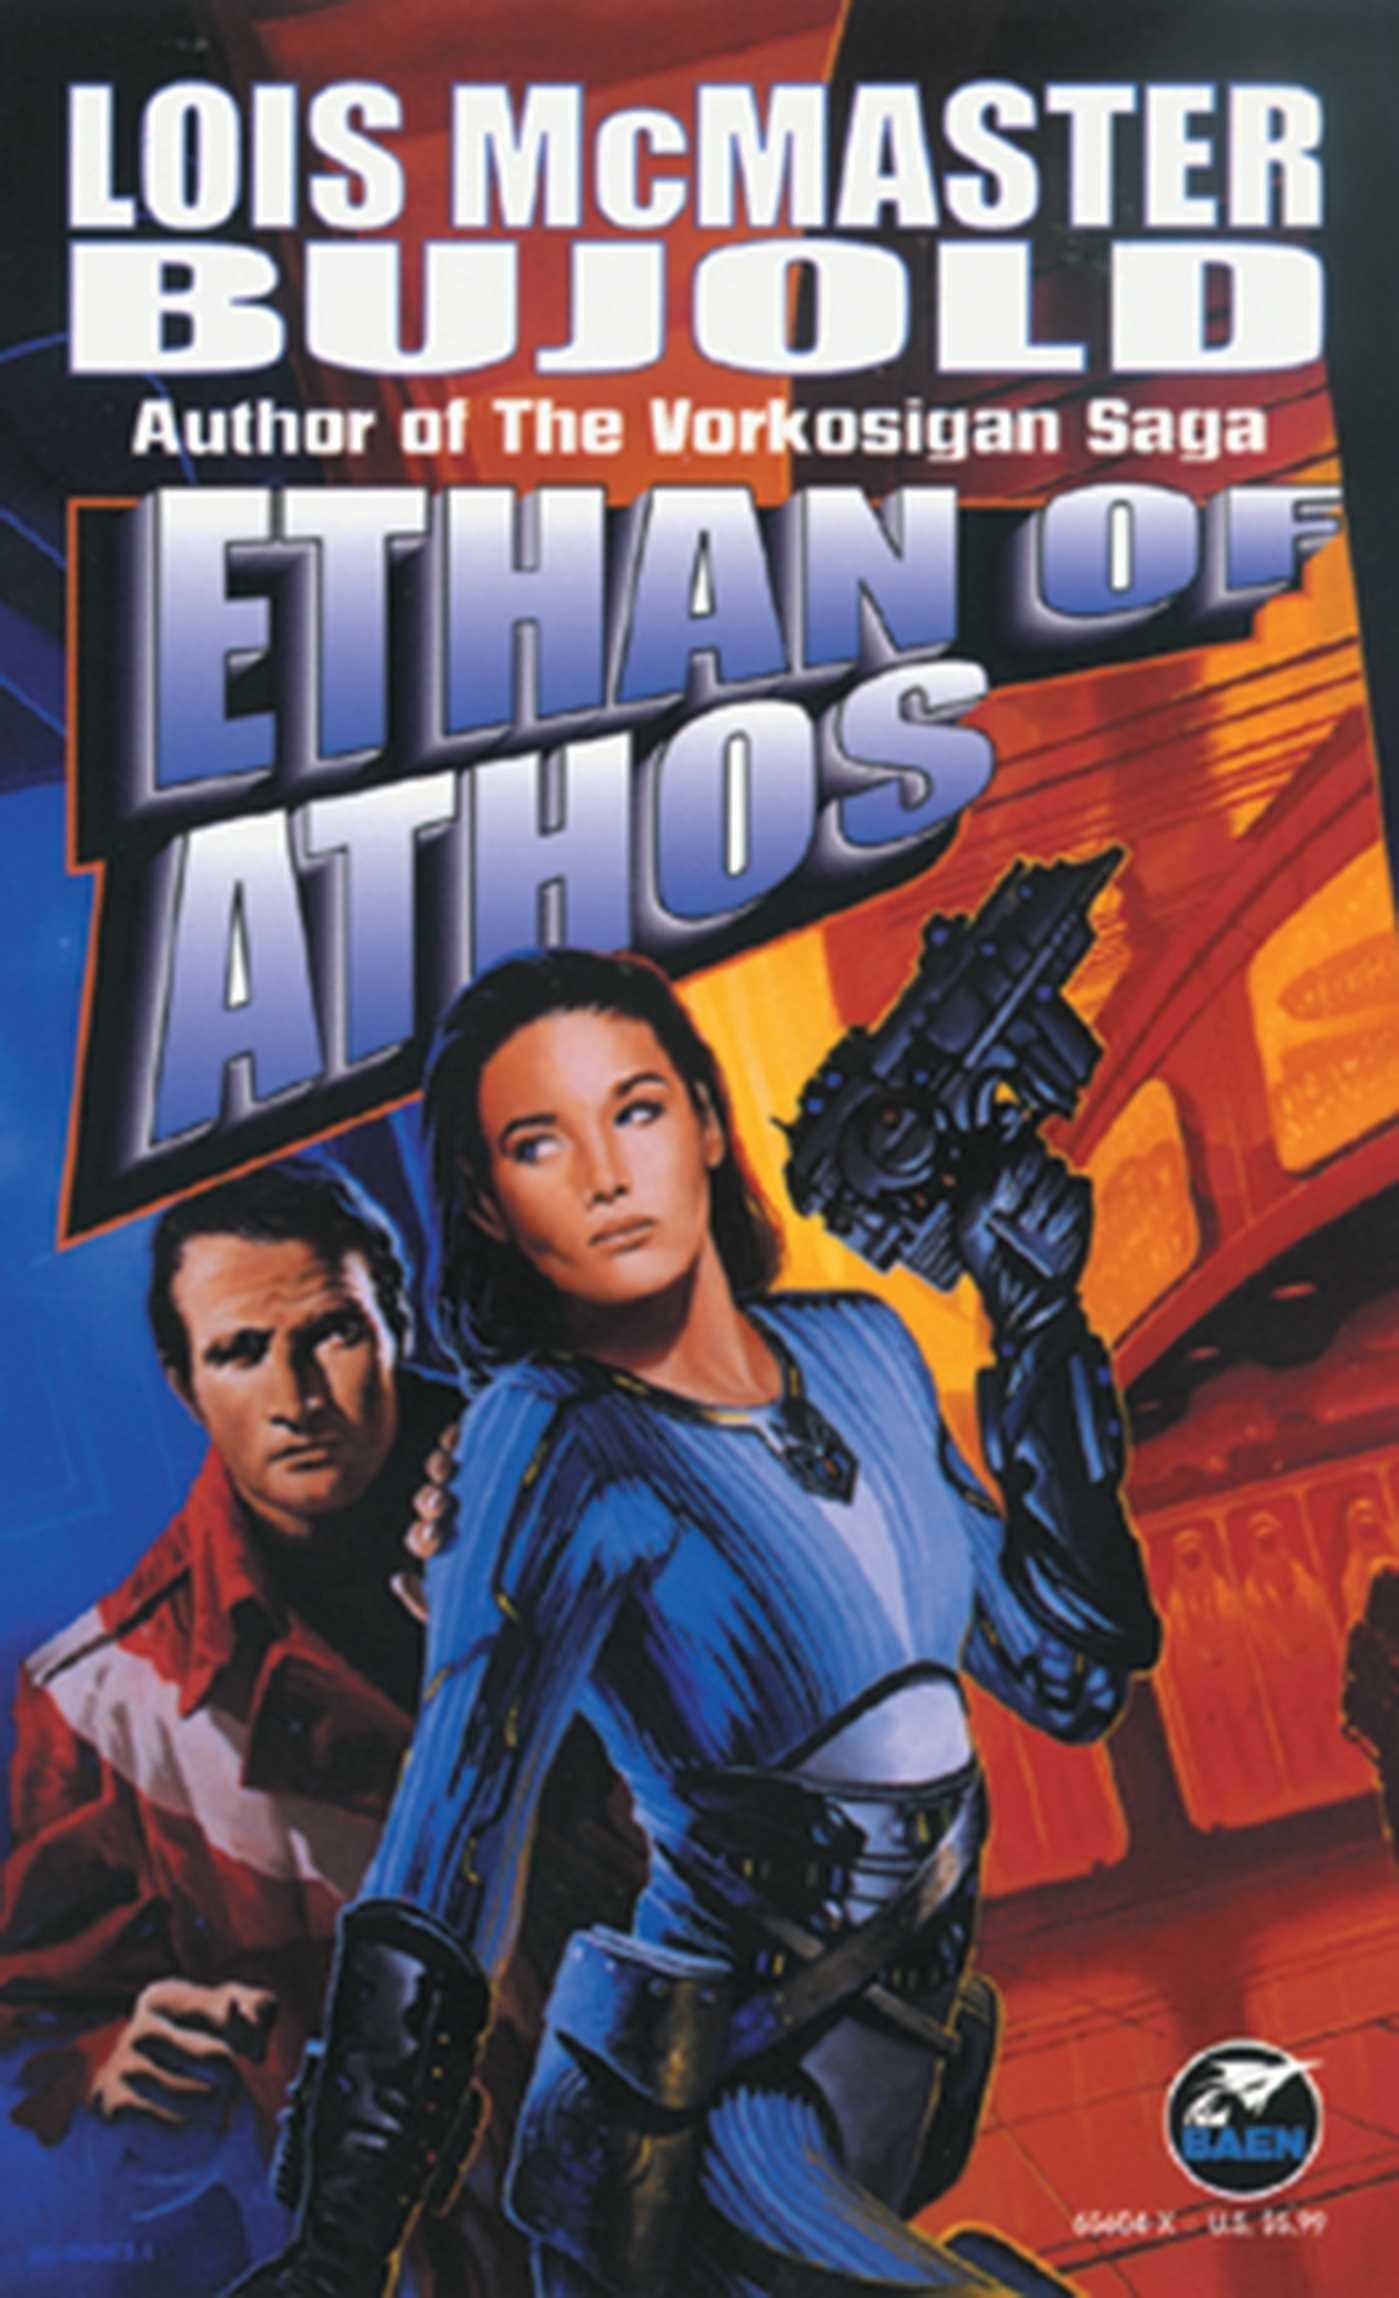 Ethan de Athos Saga de Vorkosigan